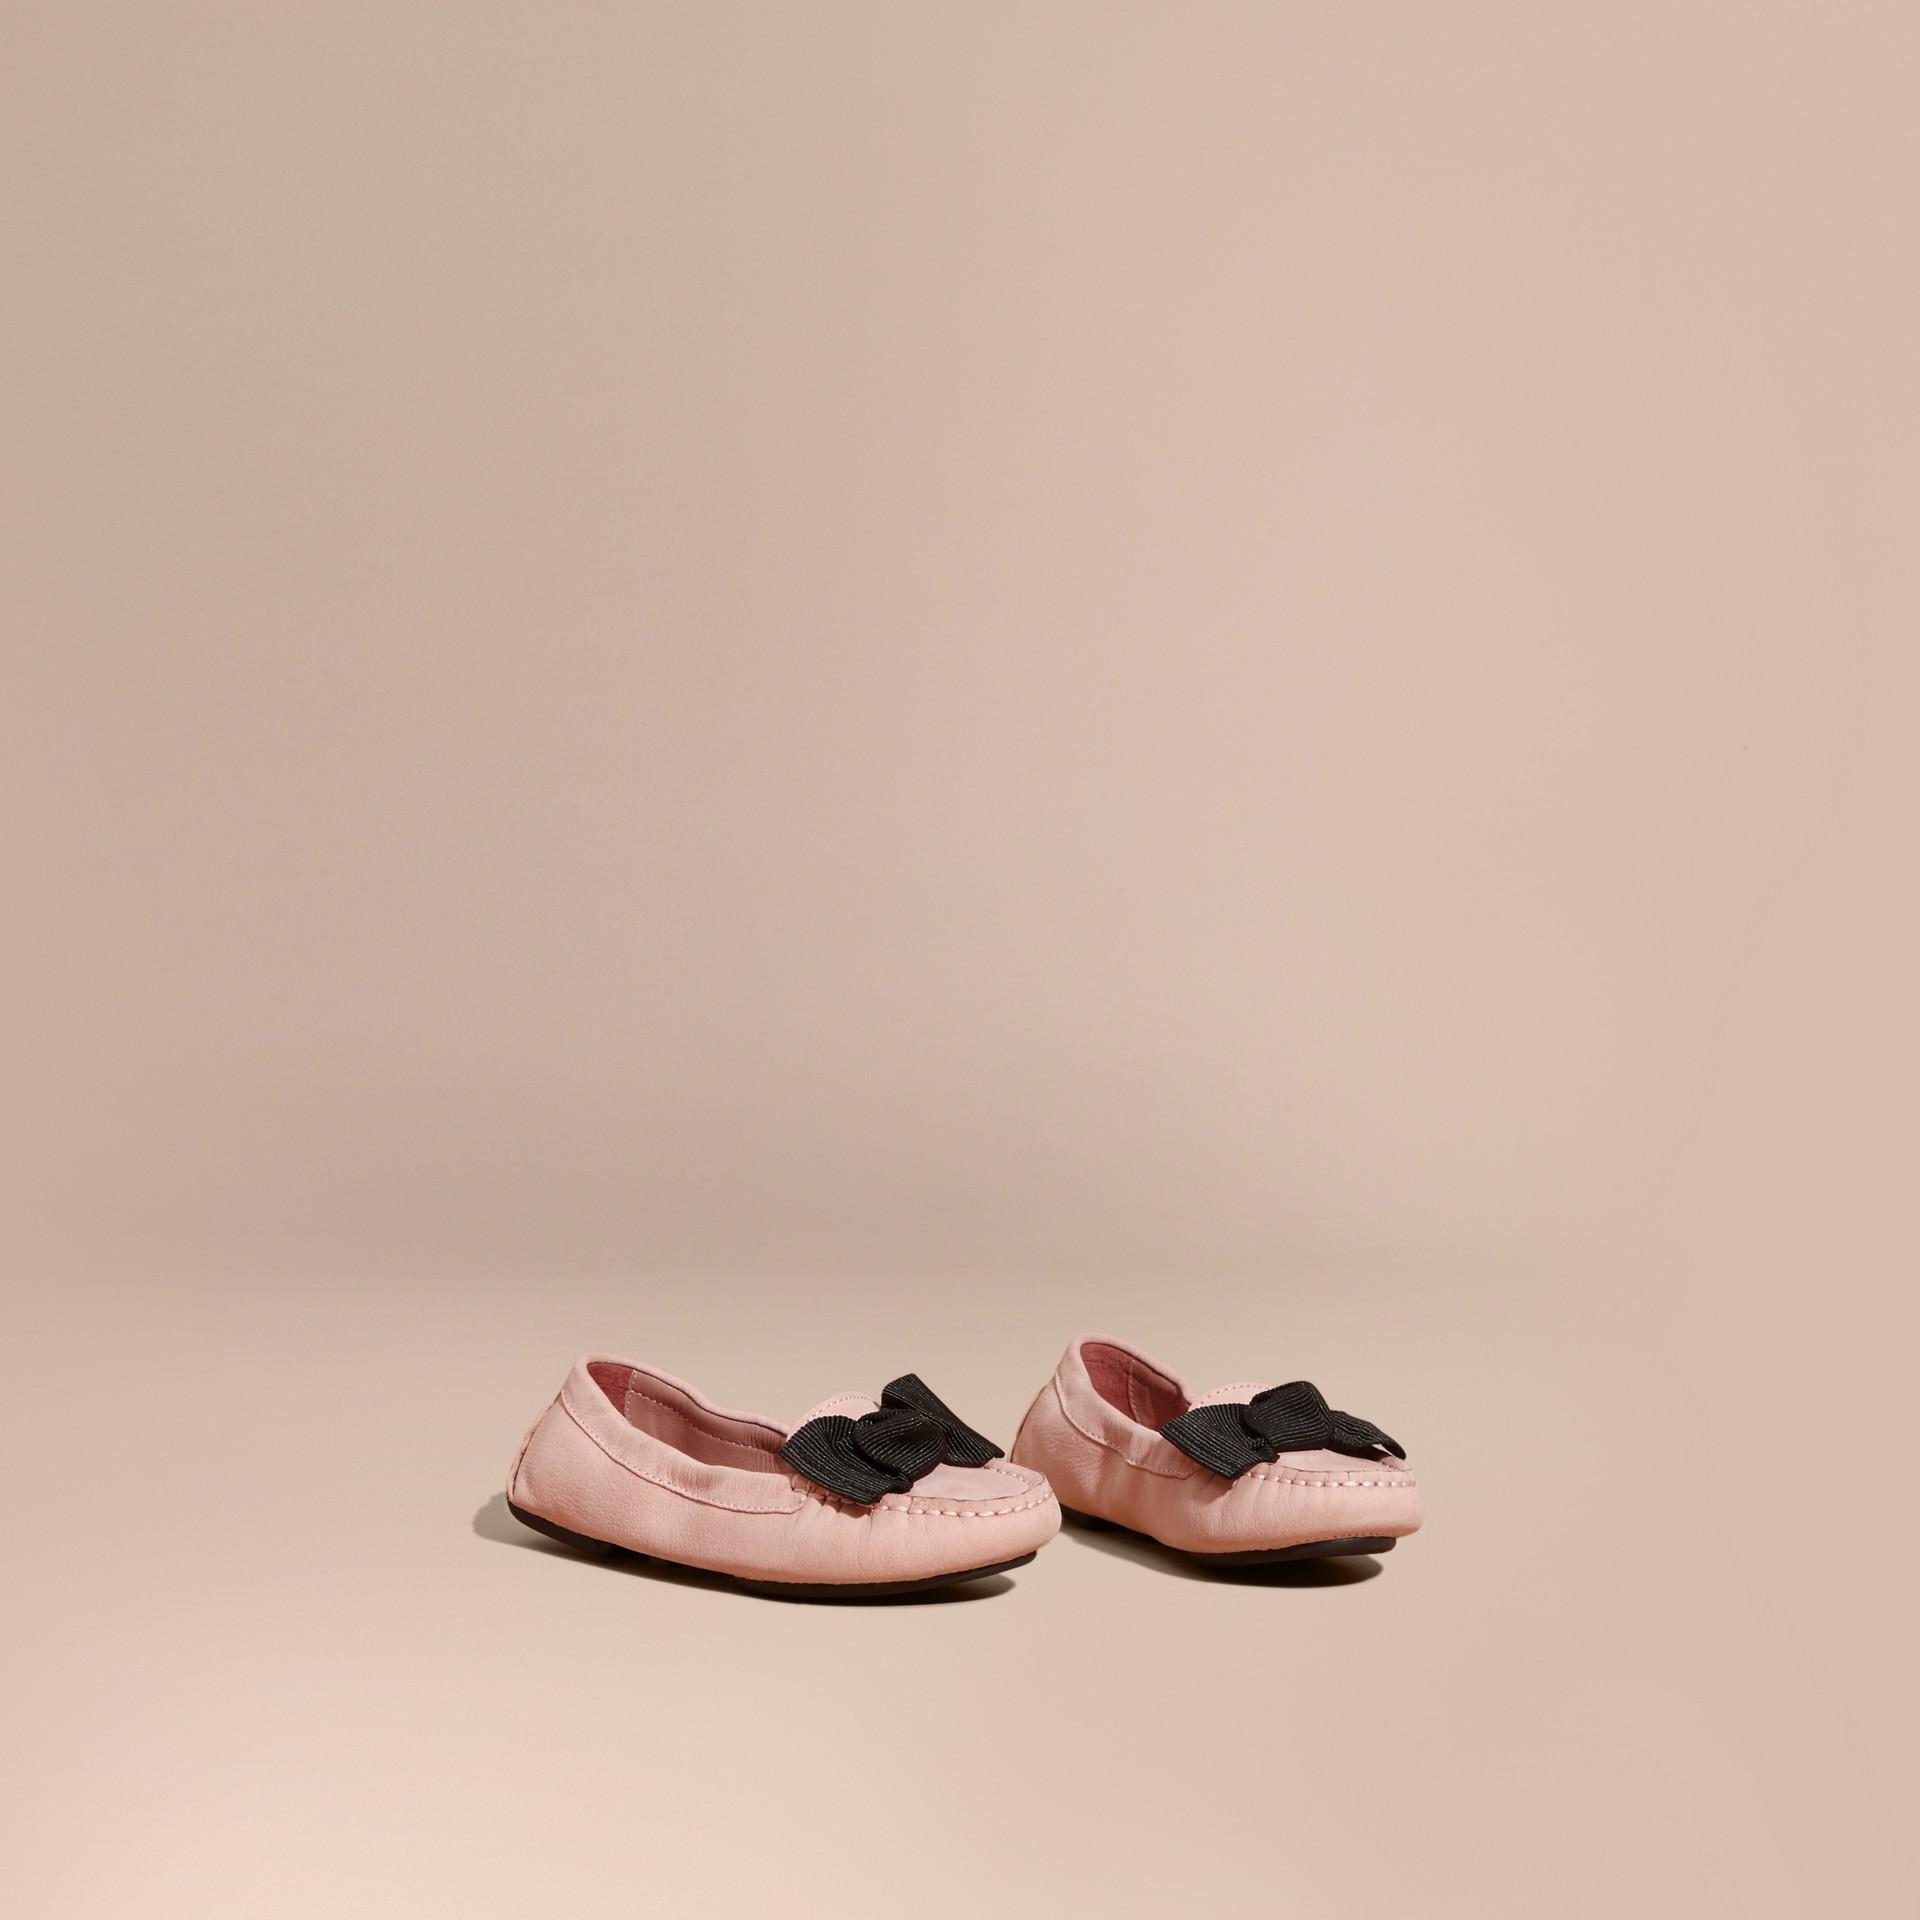 Aschrosa Loafer aus Leder mit Schleifendetail - Galerie-Bild 1